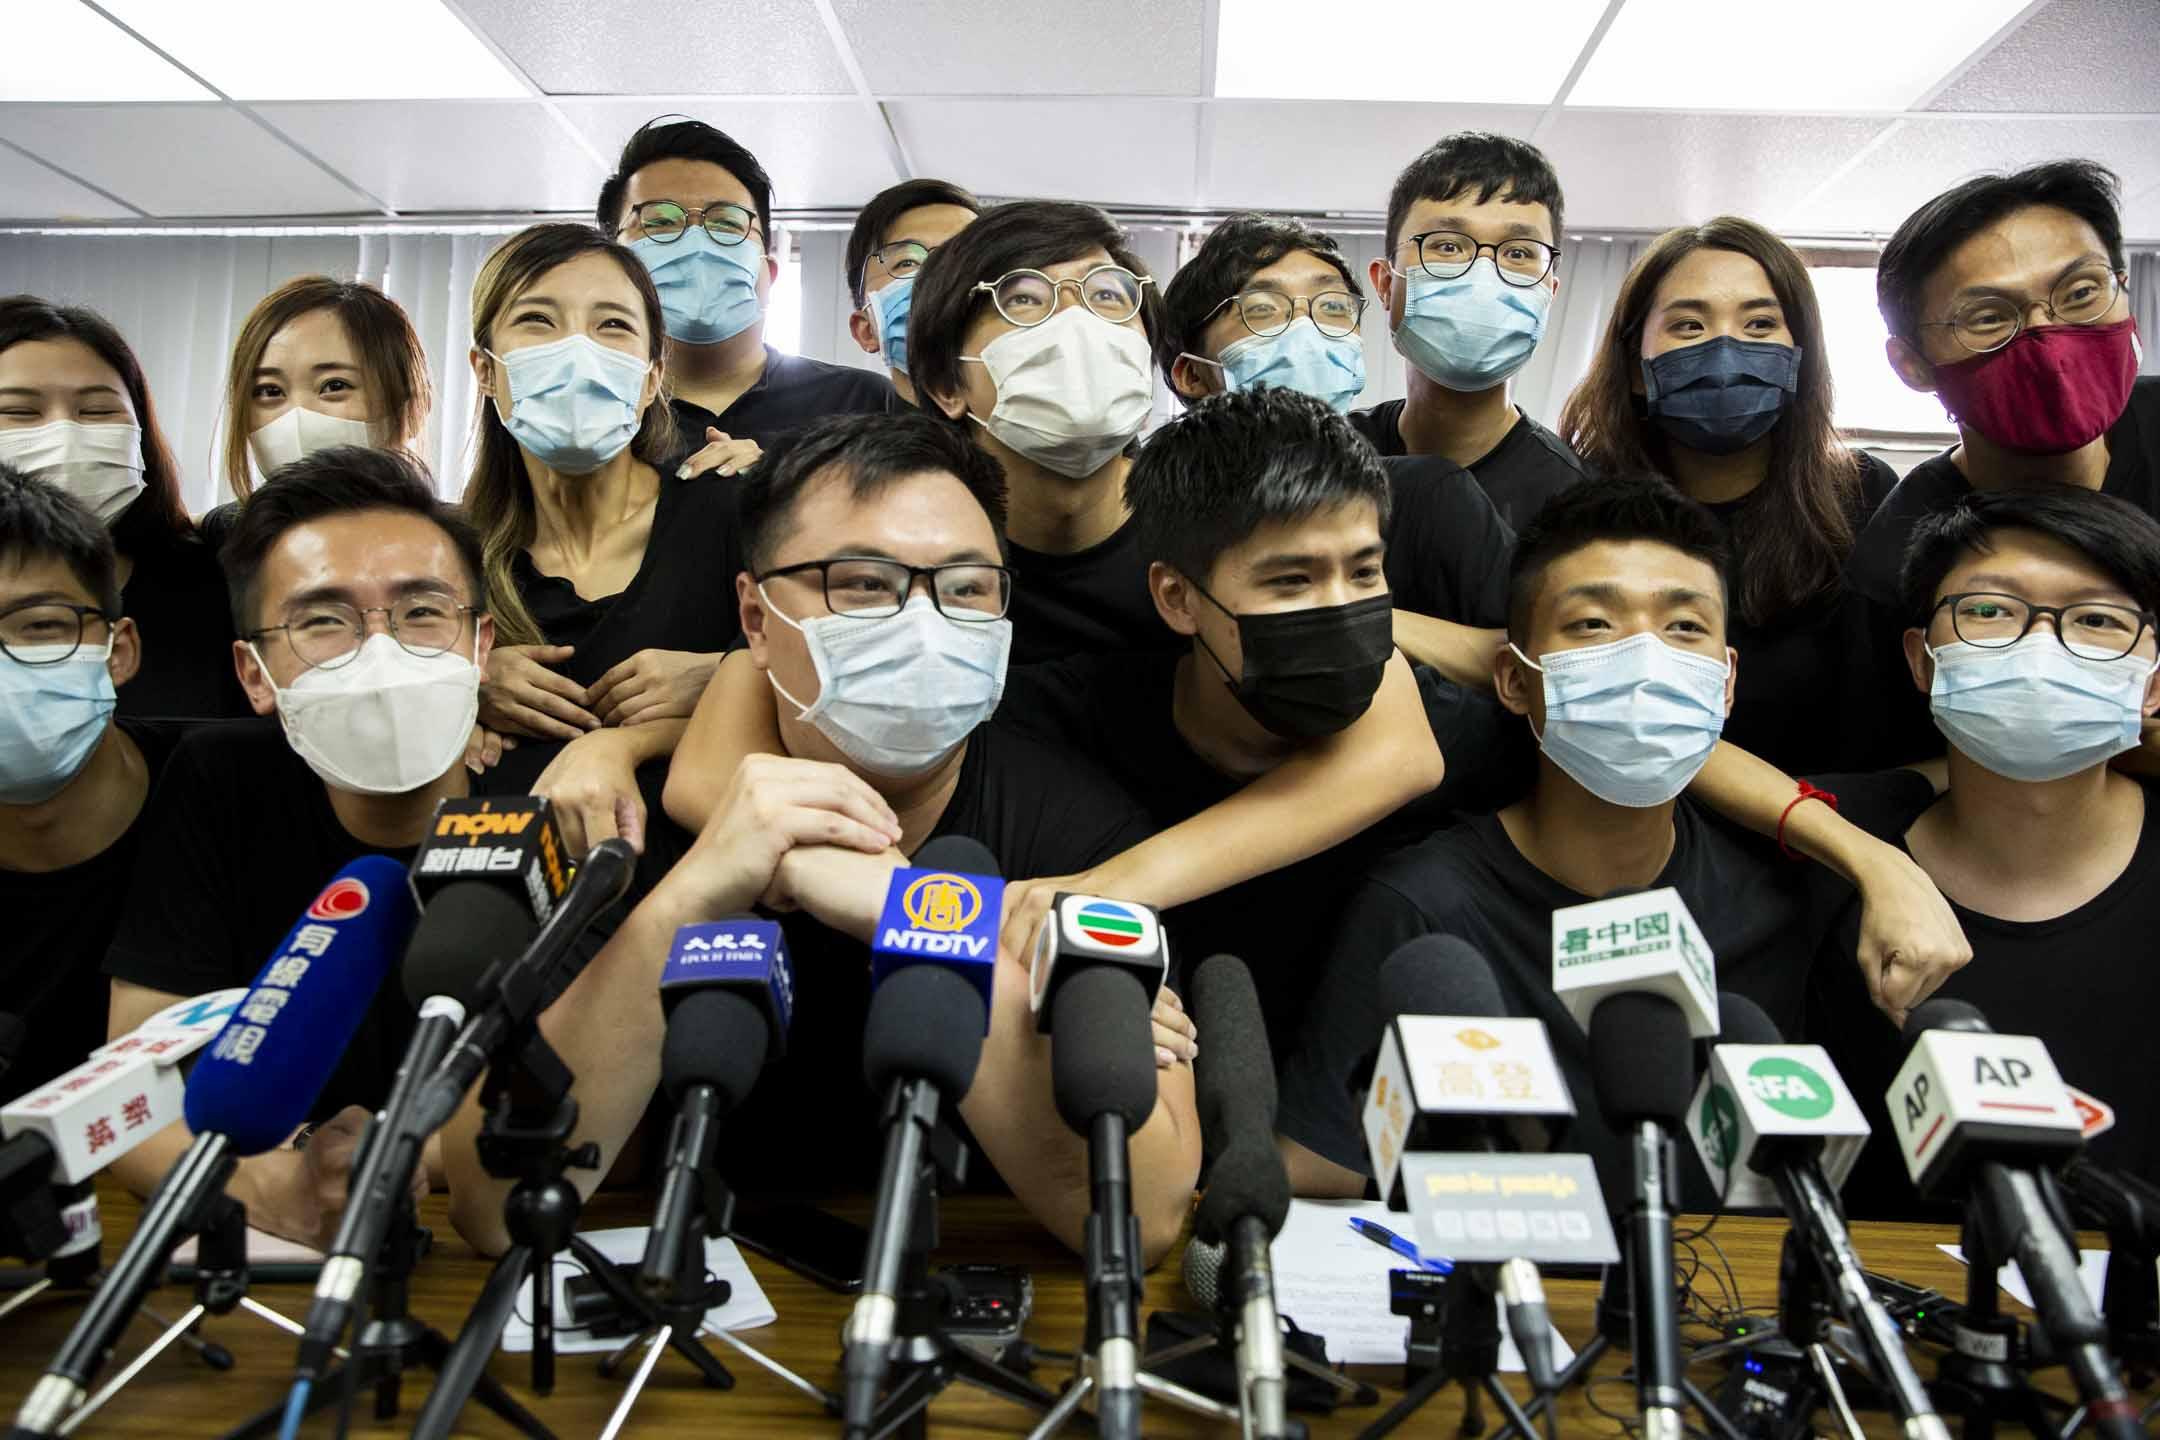 2020年7月15日,岑敖暉與15名抗爭派初選勝出的民主派參選人士舉行記者會。